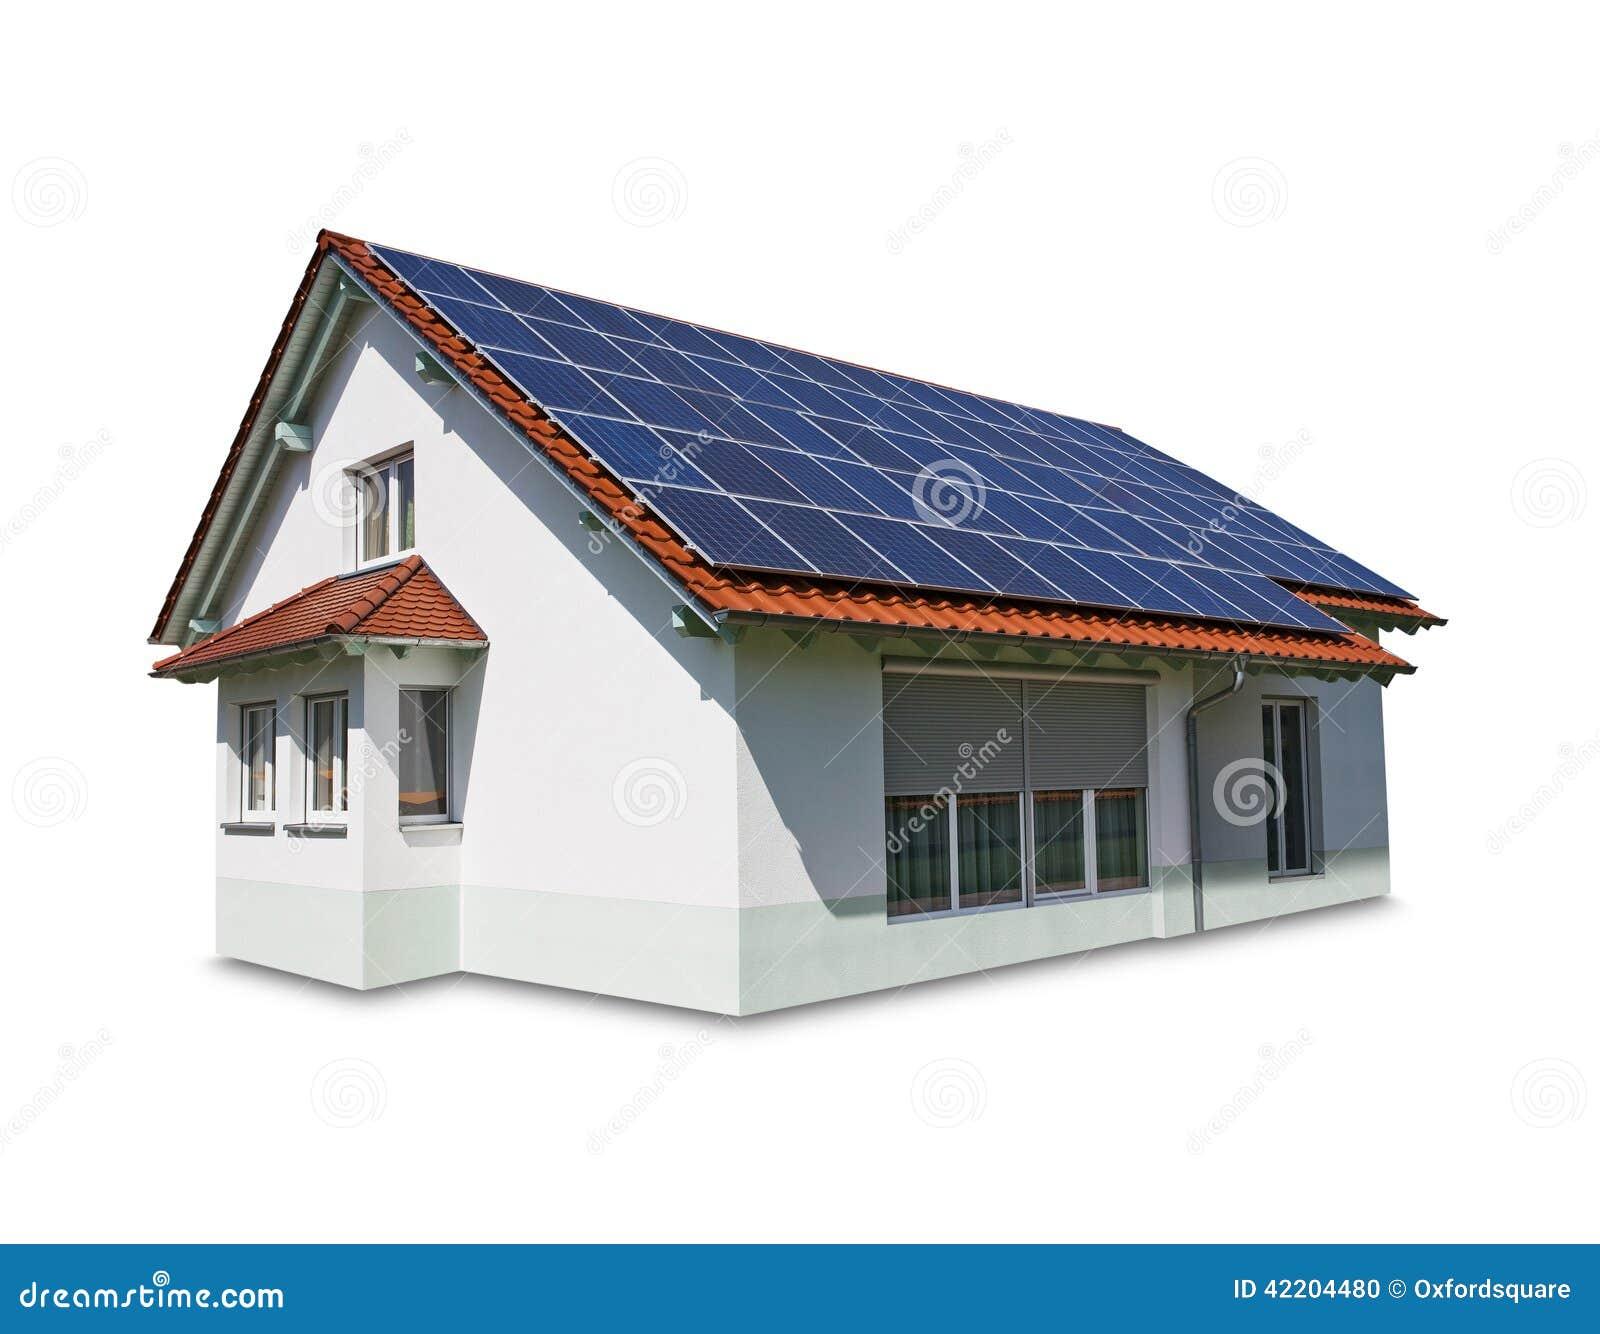 Casa con los paneles solares en la azotea foto de archivo for La casa de la azotea